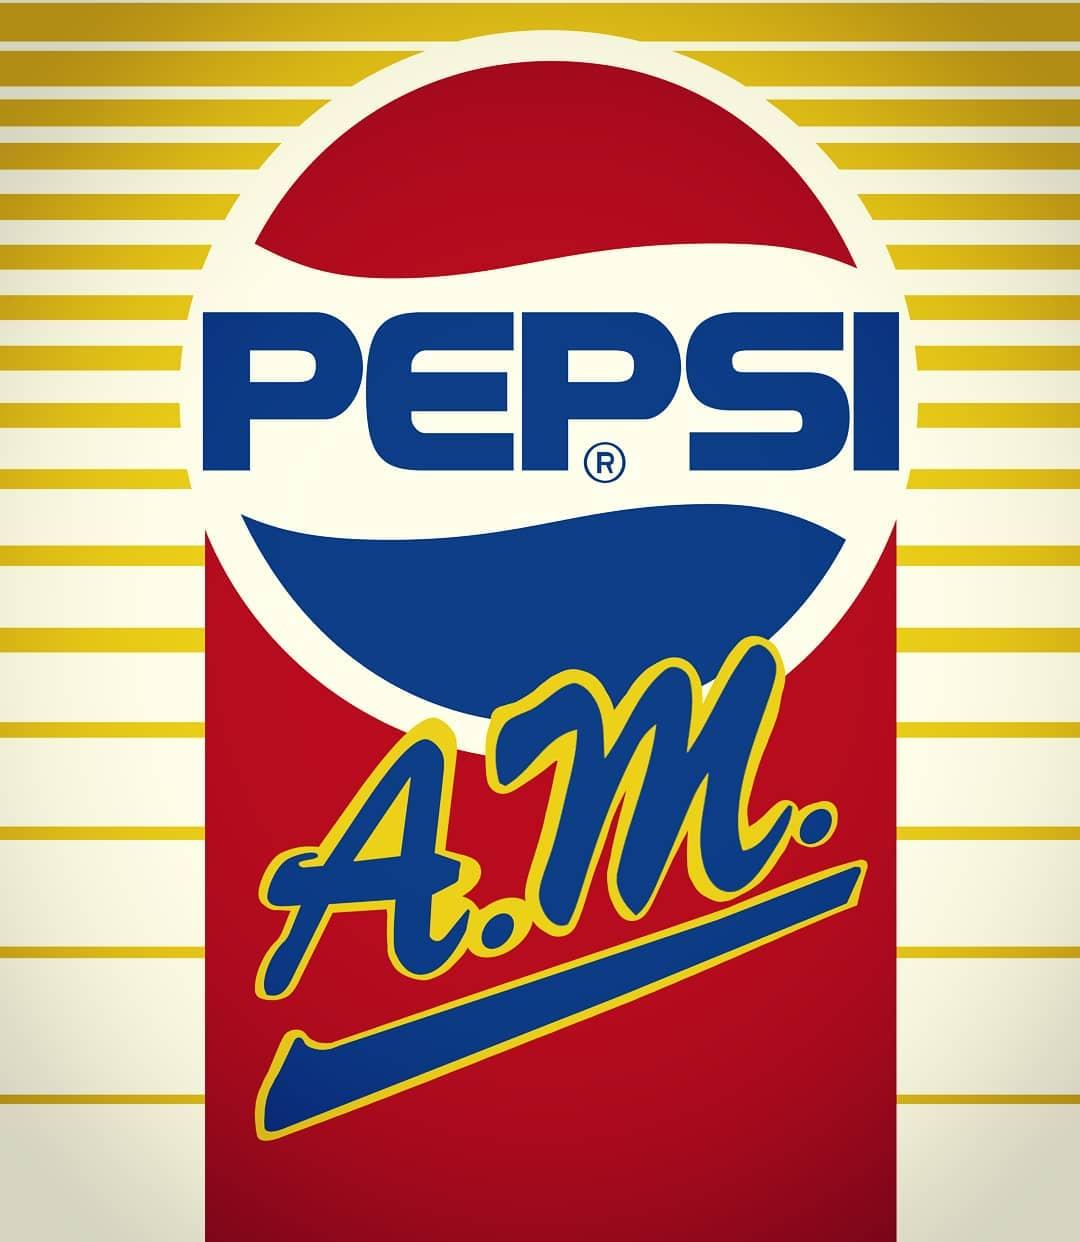 Pepsi AM